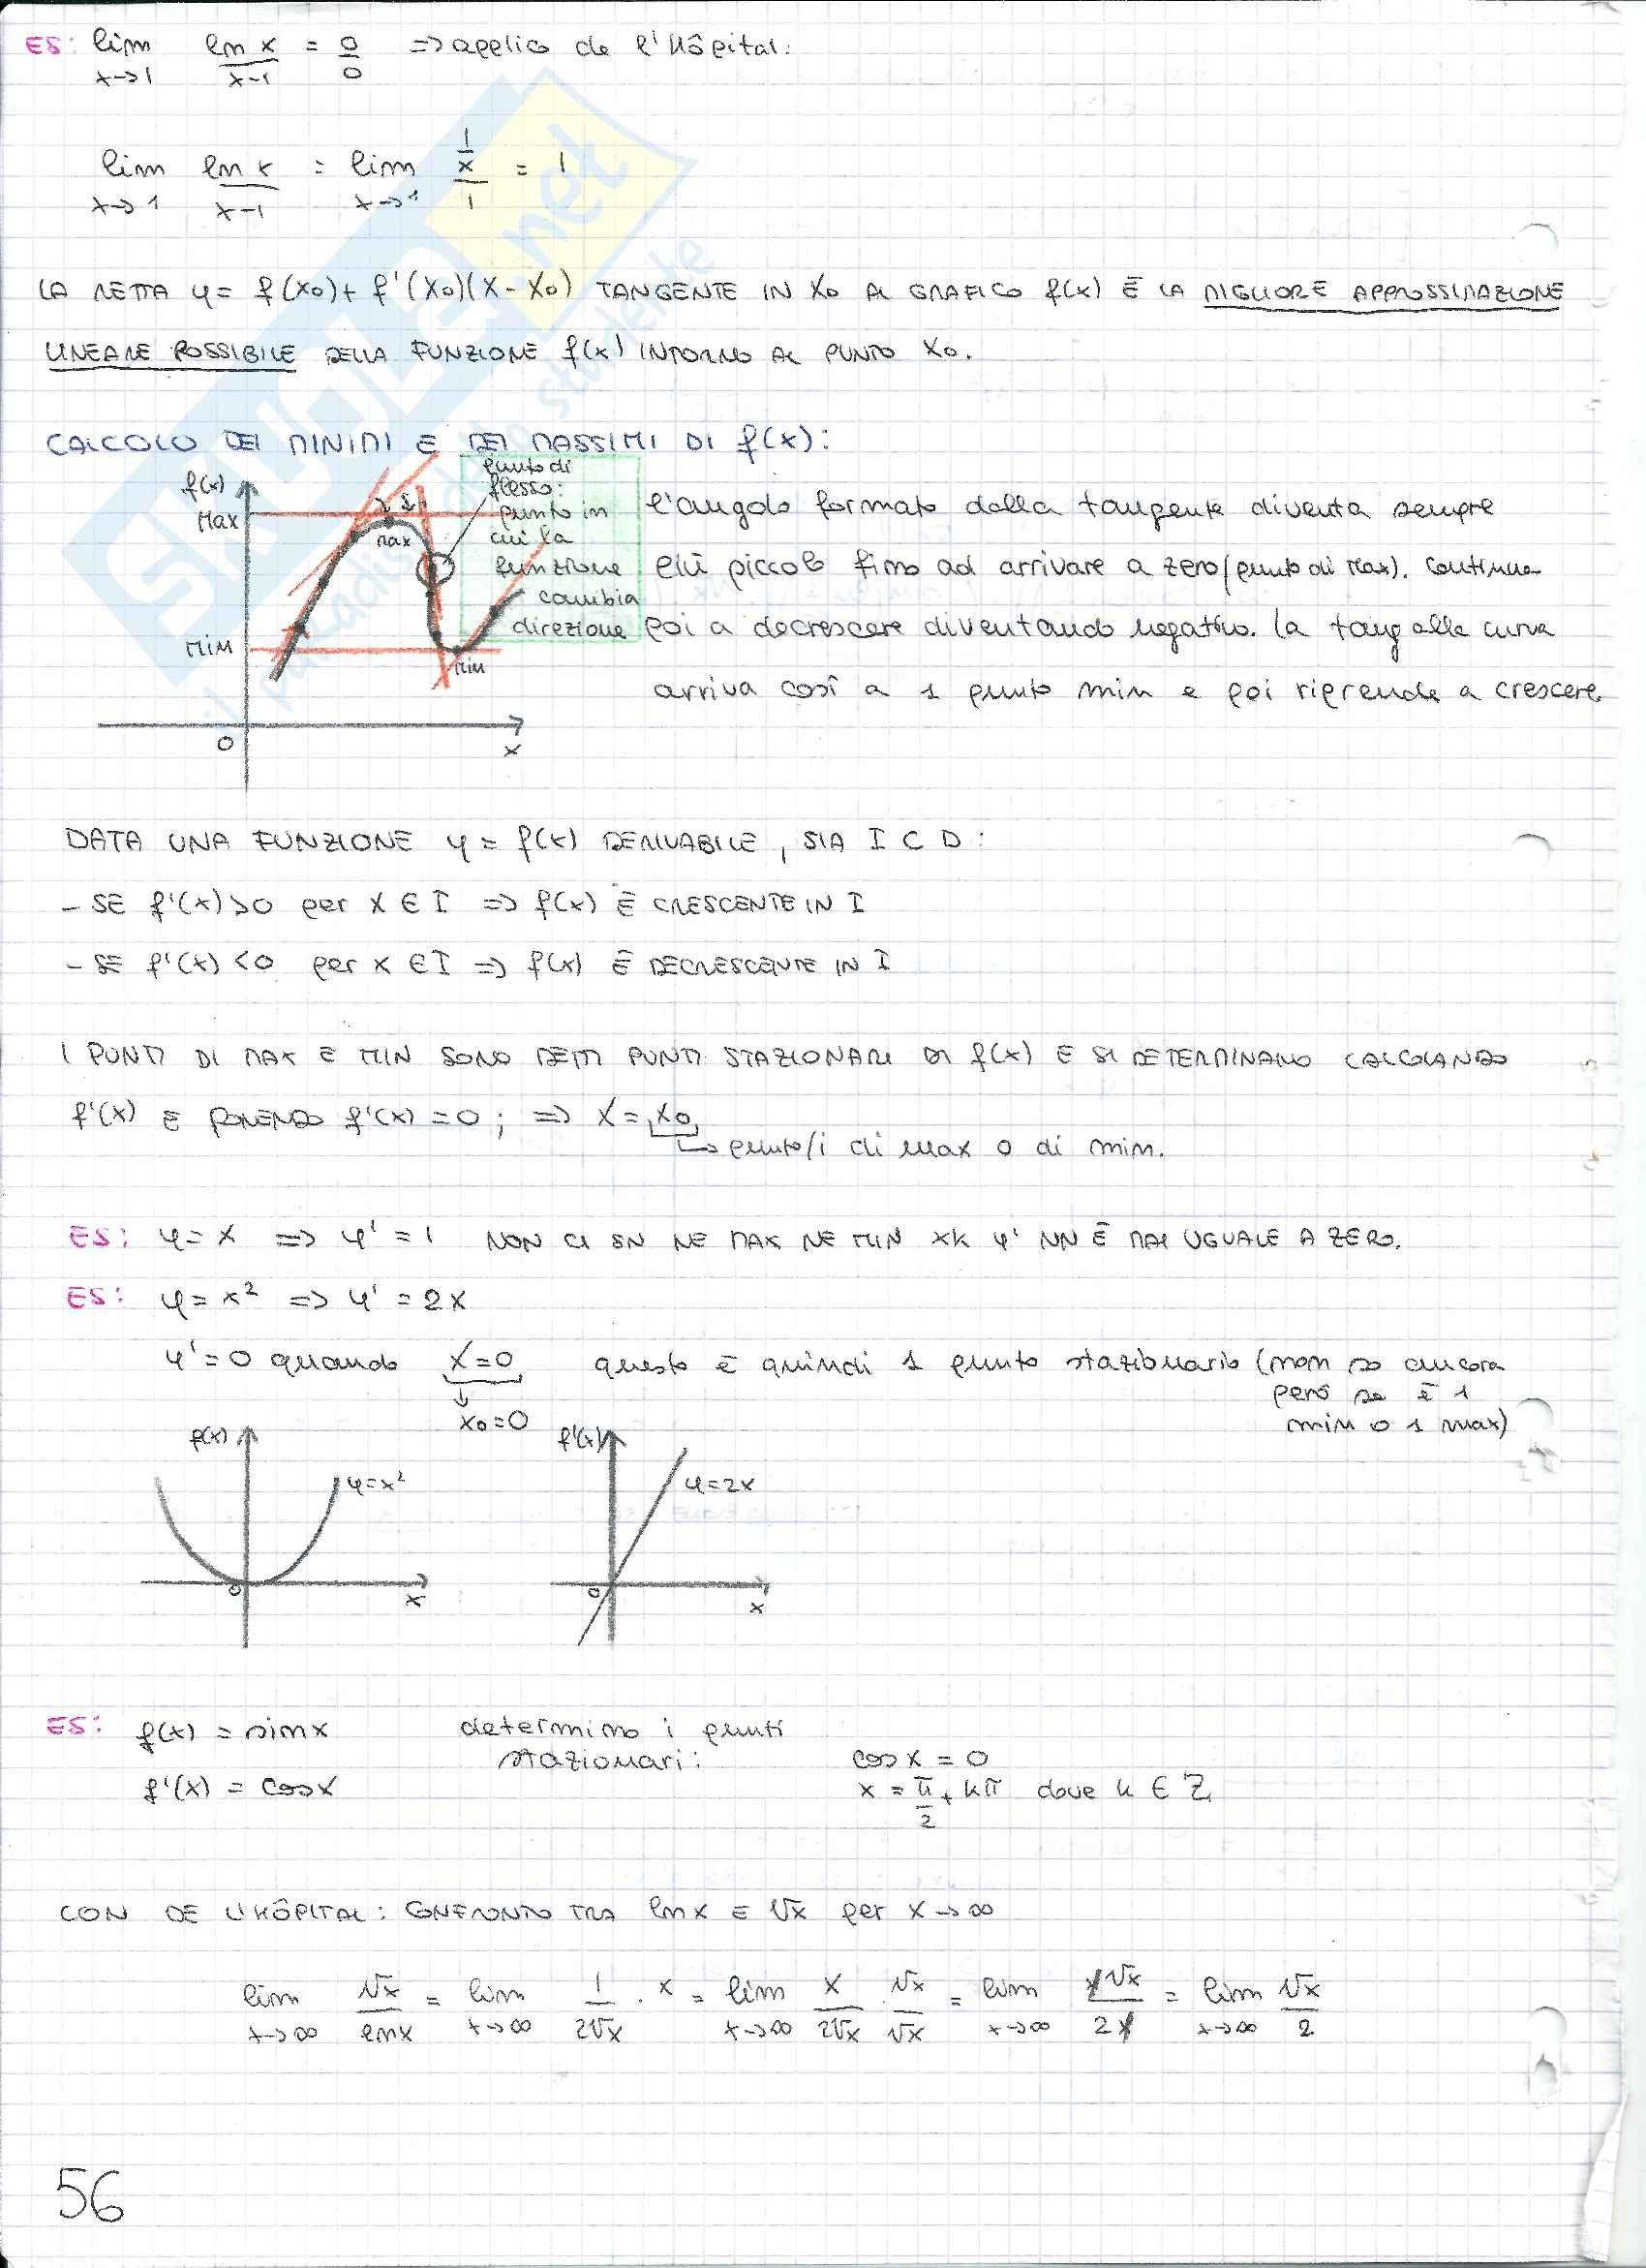 Matematica e statistica - Appunti secondo parziale Pag. 6